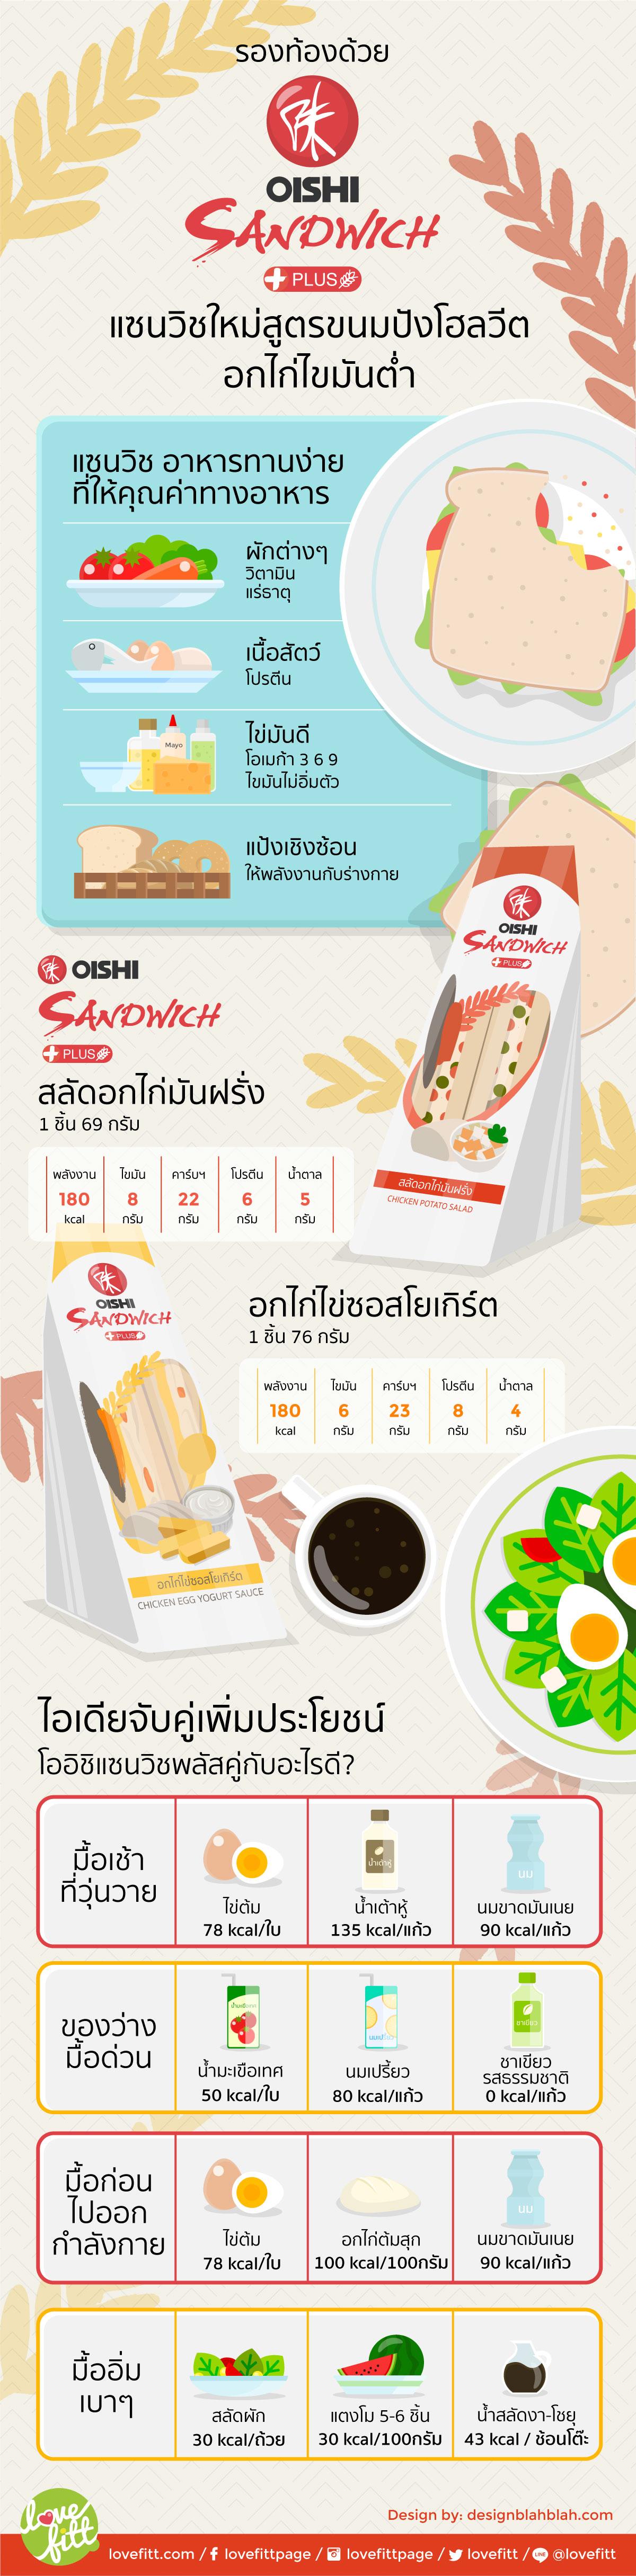 รองท้องด้วย OISHI Sandwich Plus แซนวิชใหม่เน้นประโยชน์จากโปรตีน